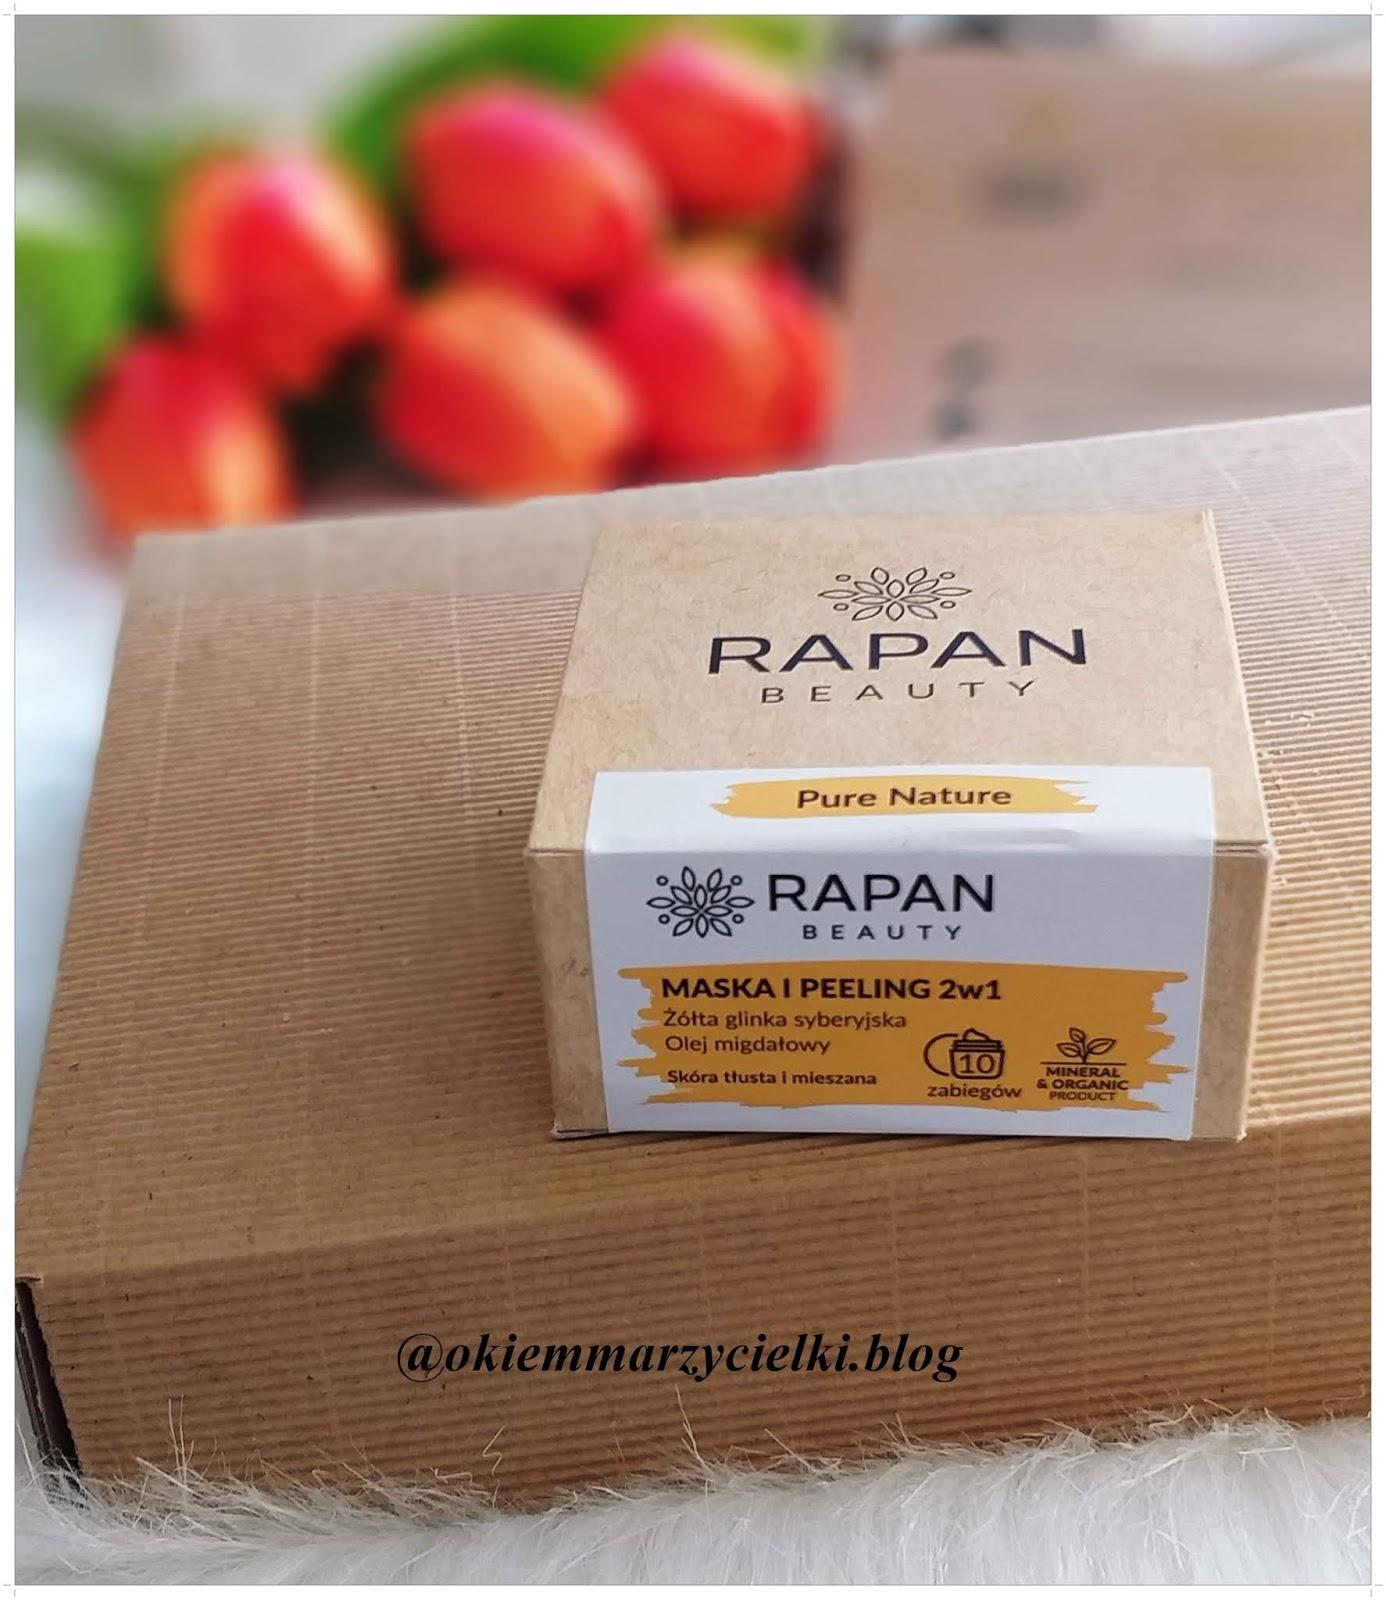 Maska i peeling 2w1 Żółta glinka syberyjska & Olej migdałowy (skóra tłusta i mieszana), Rapan Beauty-recenzja #92